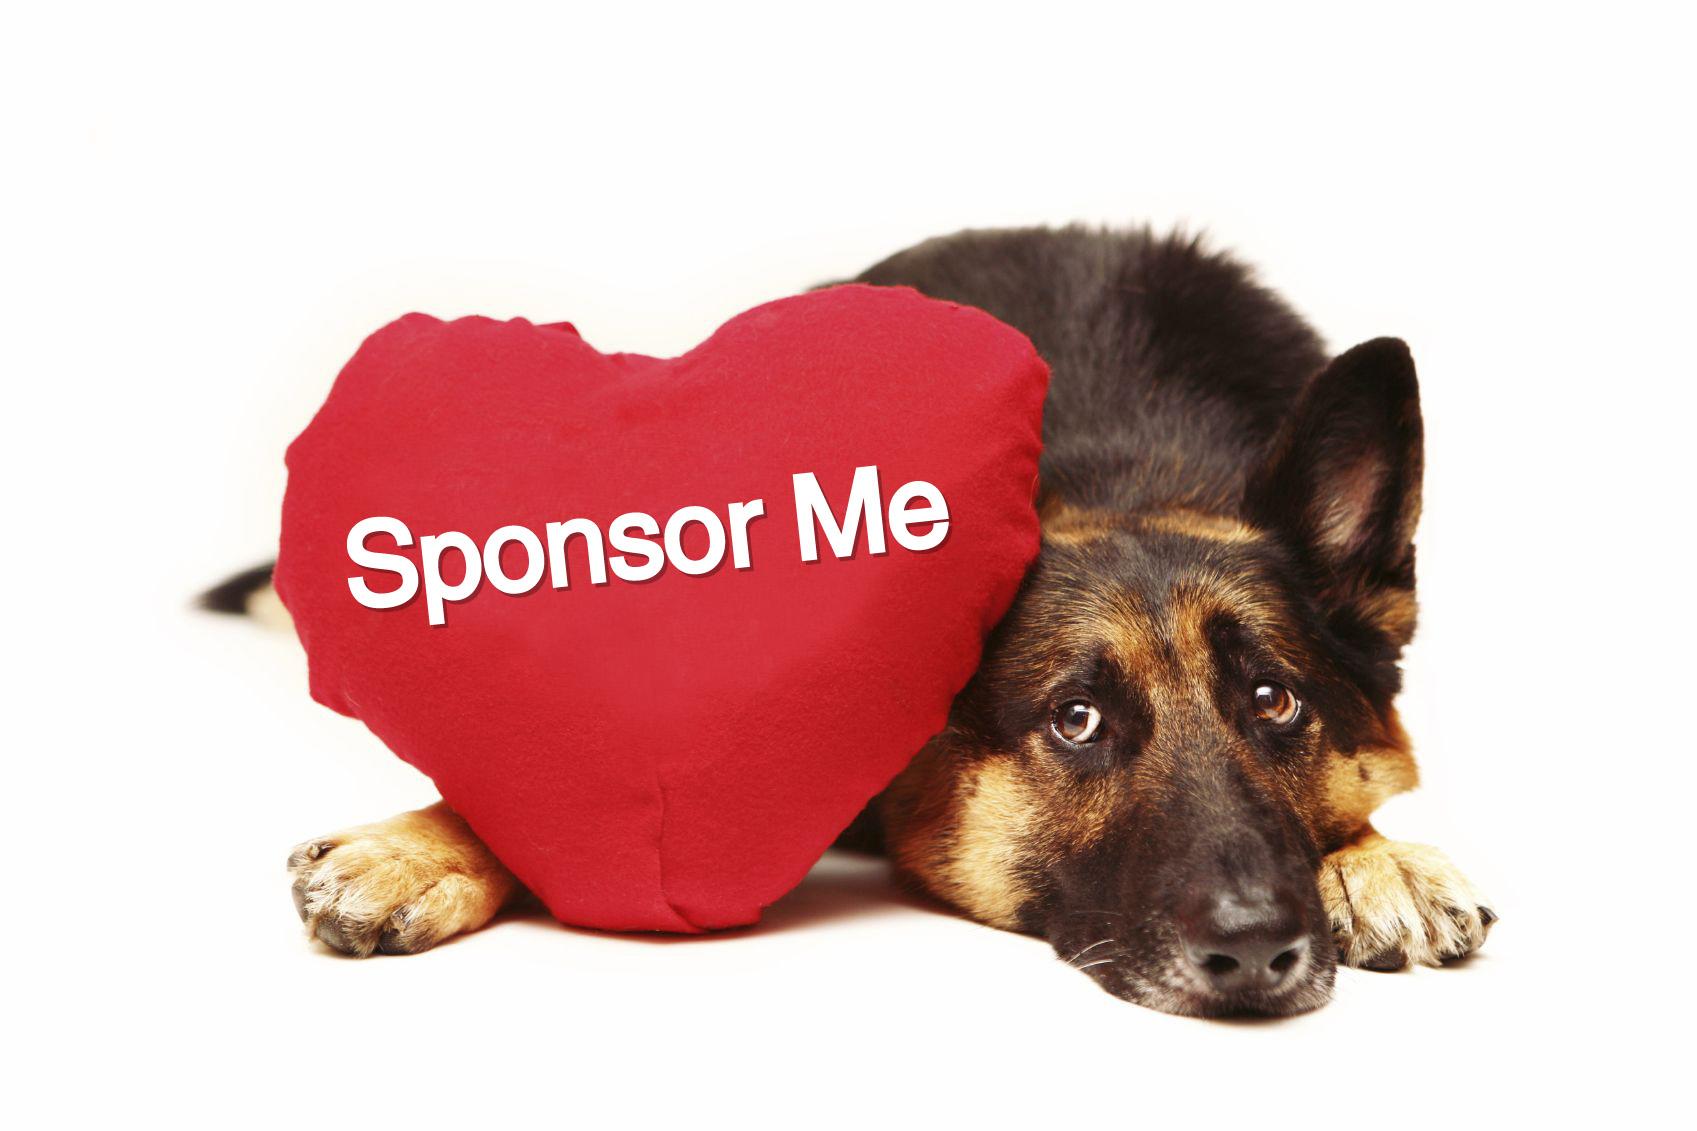 Основное их отличие состоит в том, что спонсорство связано с решением маркетинговых задач компании спонсора (задач, связанных с выходом новой компании на рынок или с продвижением её продукции, услуг), а благотворительность — нет